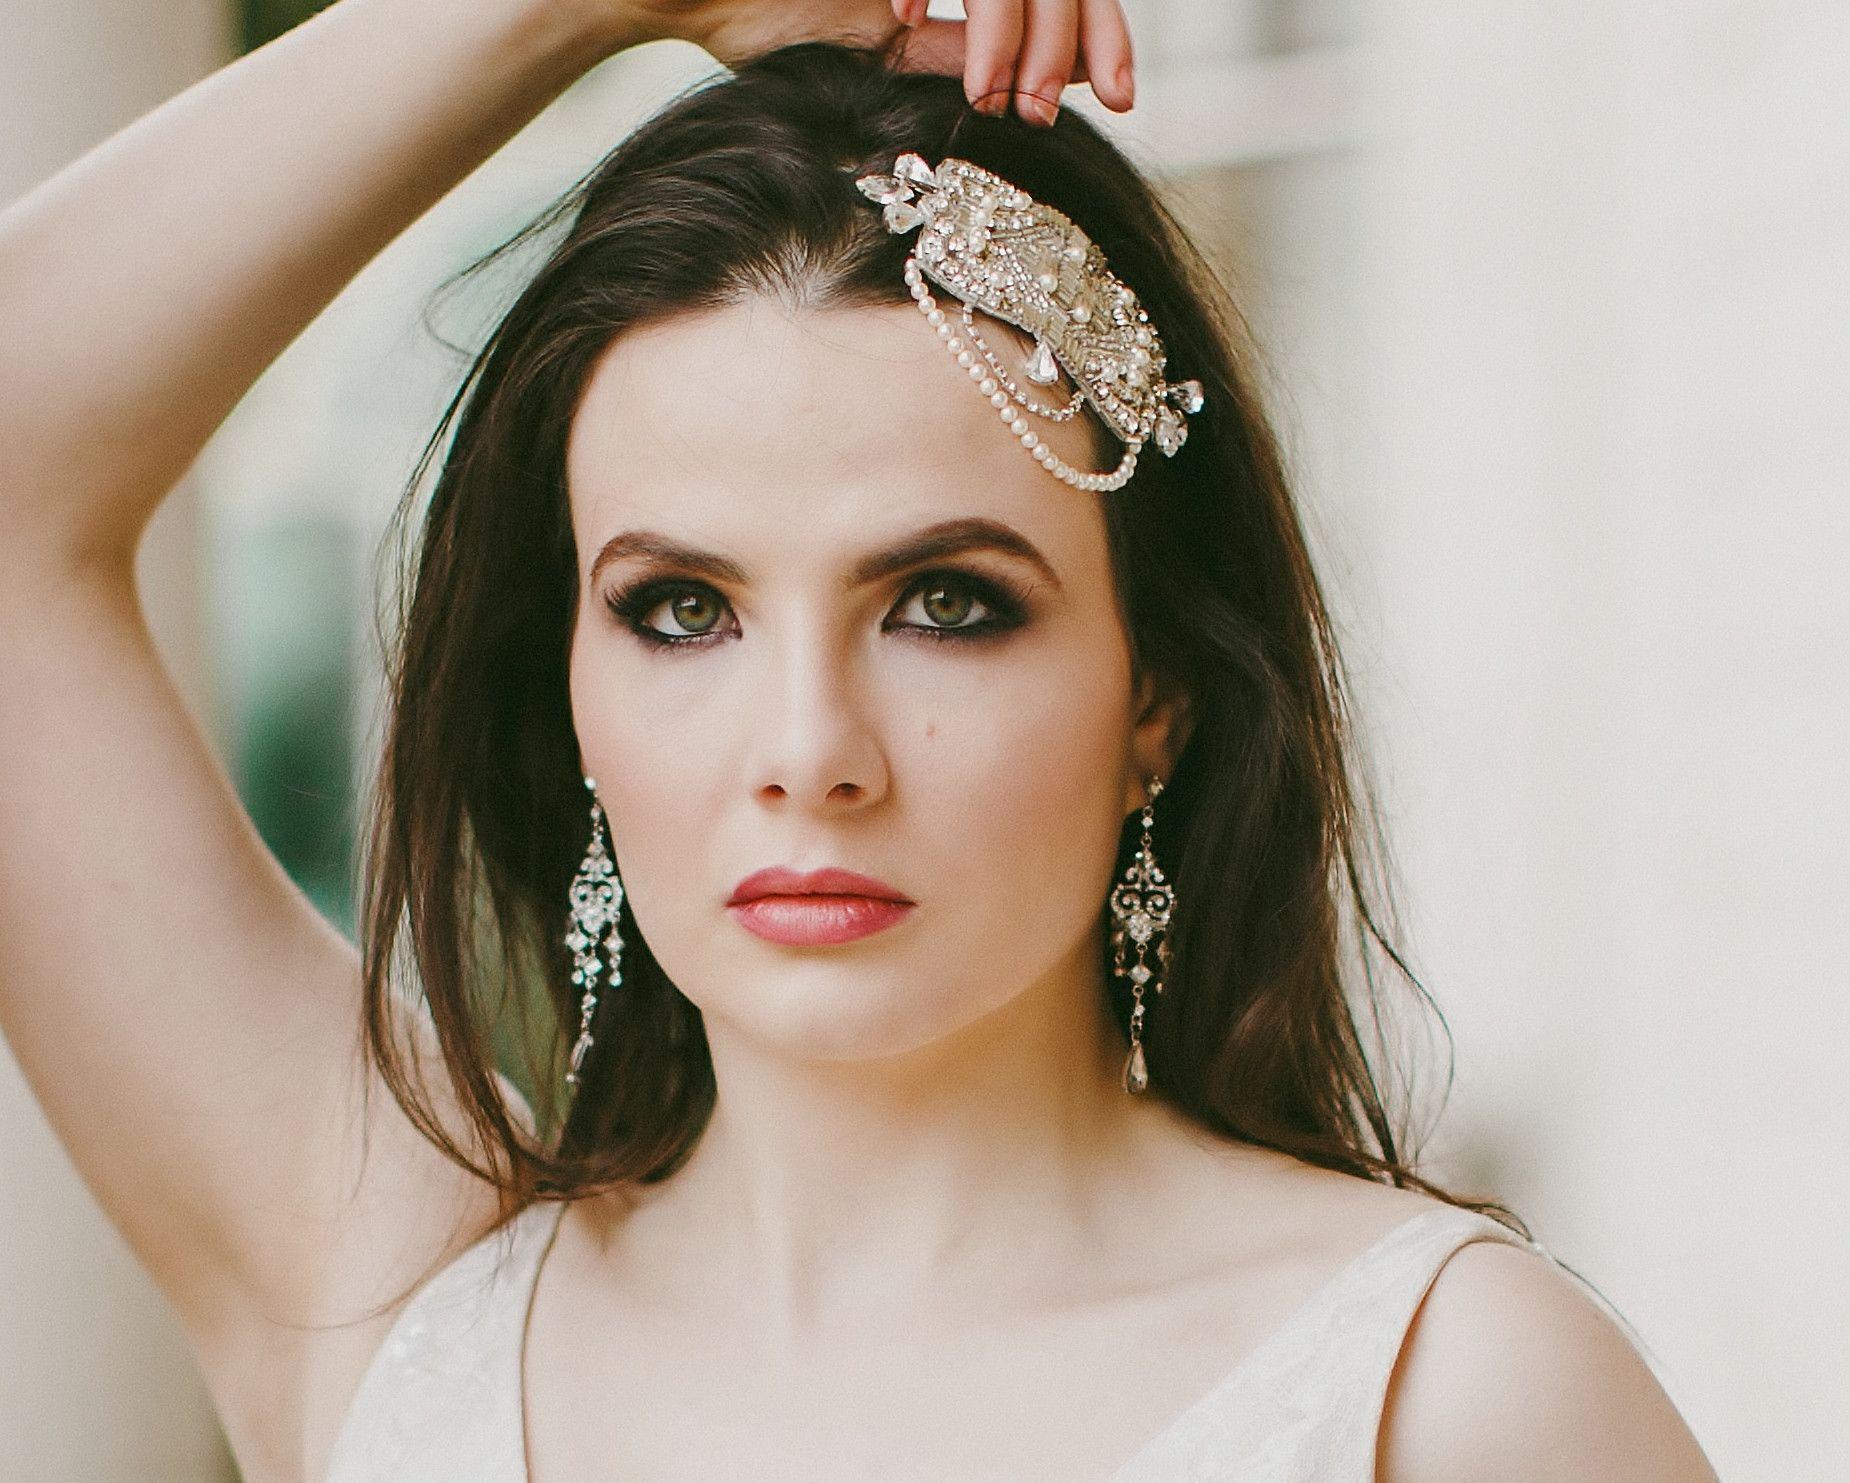 a72d18df17905 Lauren, Embellished Appliqué Headband | Magical Mystic Weddings ...